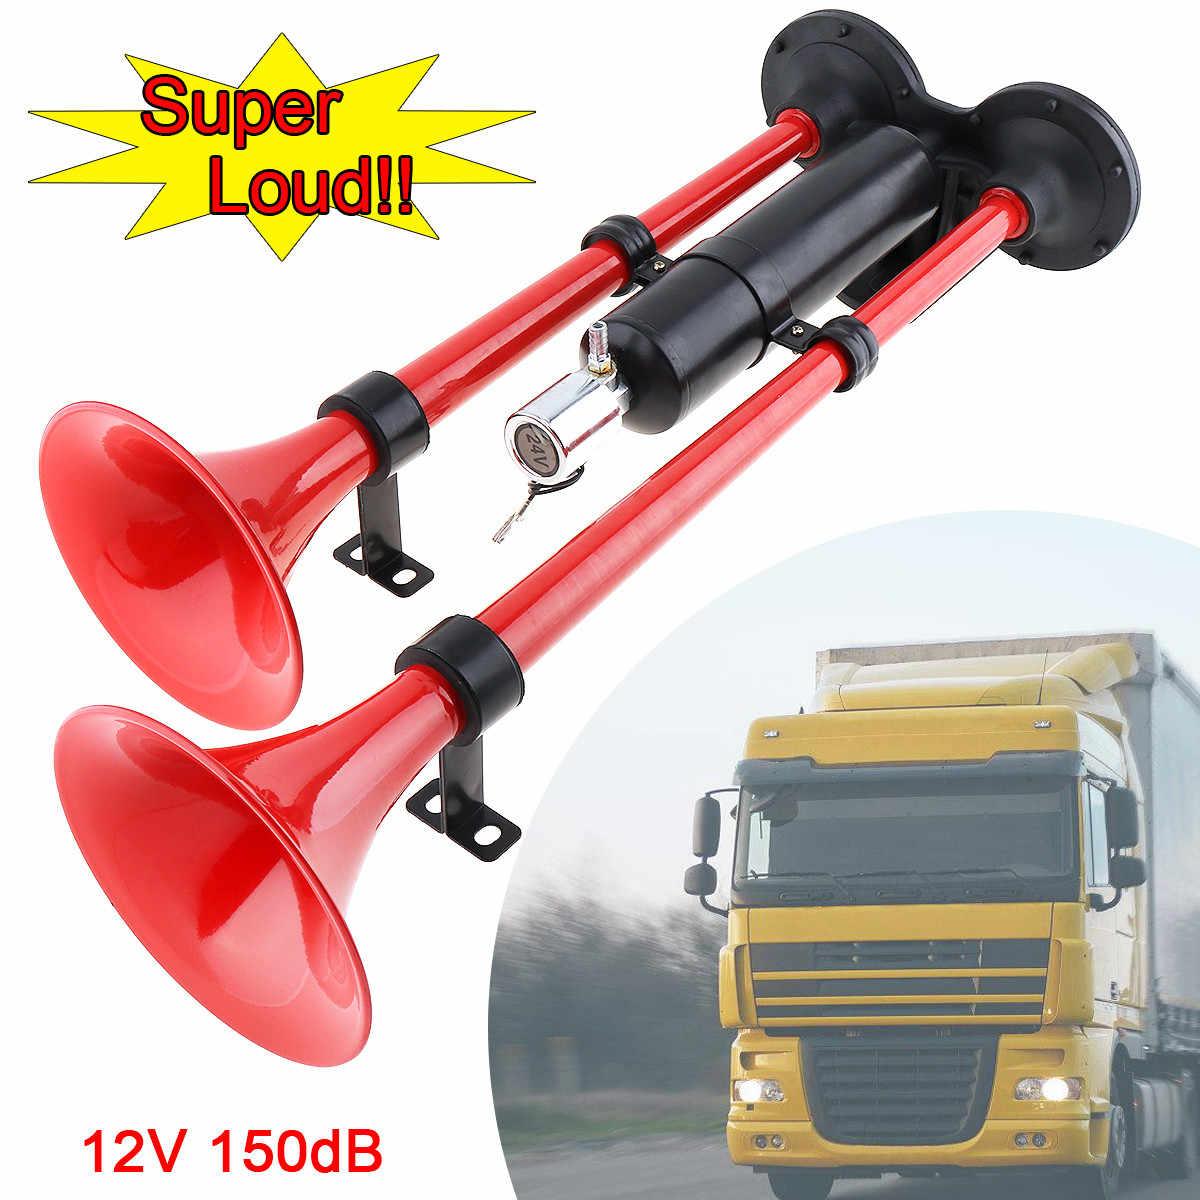 150DB Air Horn Dual 2 Tone Trumpet Super Loud Compressor Hose Boat Car Train